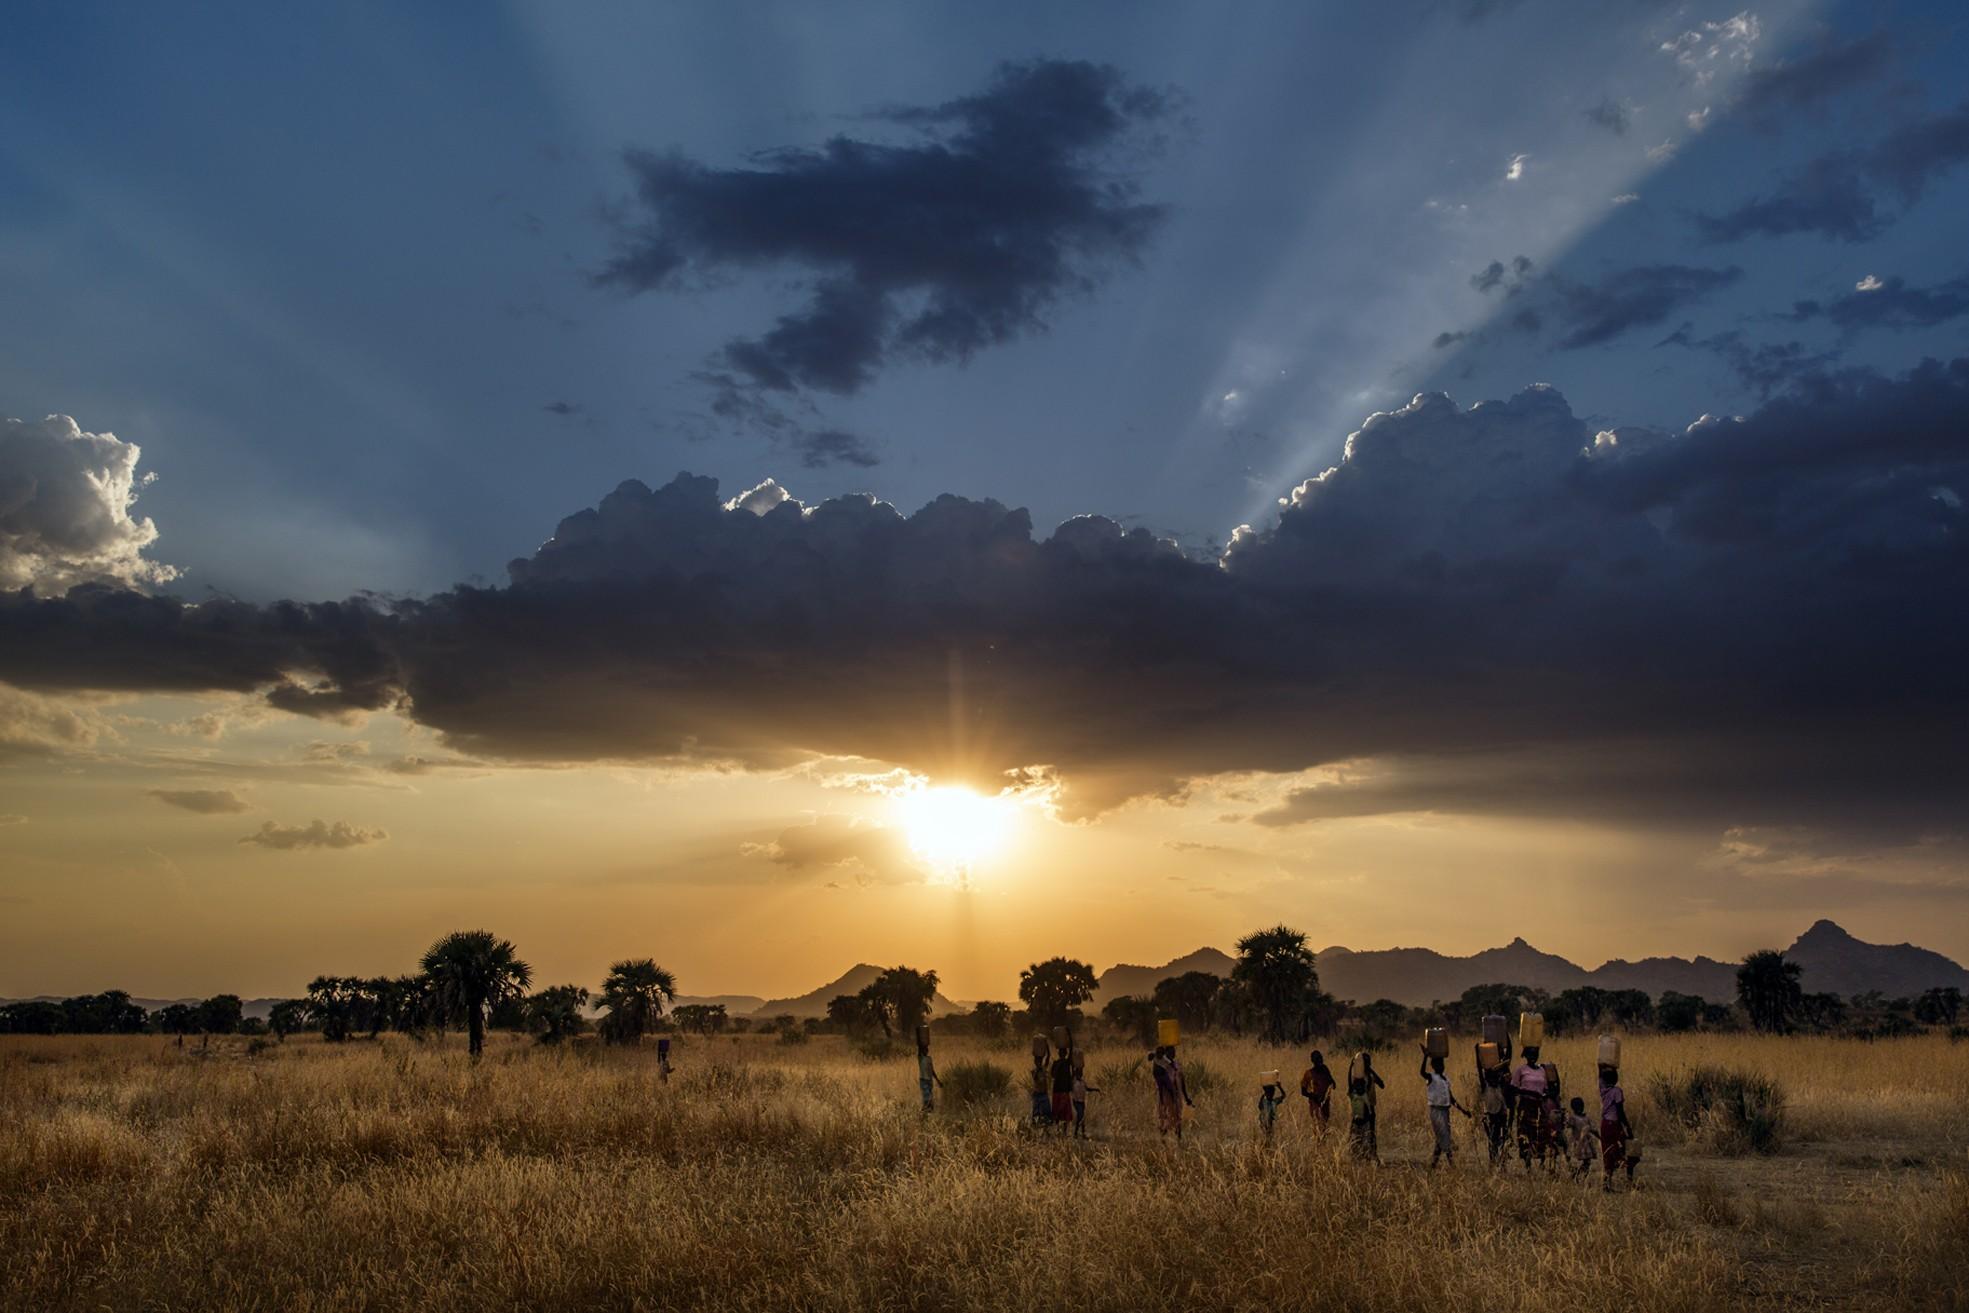 Sudan, Kordofan meridionale, 2013. Dal giugno 2011 il popolo delle montagne Nuba, da lungo tempo vittima di discriminazioni da parte del governo del Sudan del Sud, ha subìto una feroce campagna di bombardamenti aerei dopo lo scoppio degli scontri tra Khartum e i ribelli Nuba, le truppe SPLA-N. © Marco Gualazzini / Contrasto